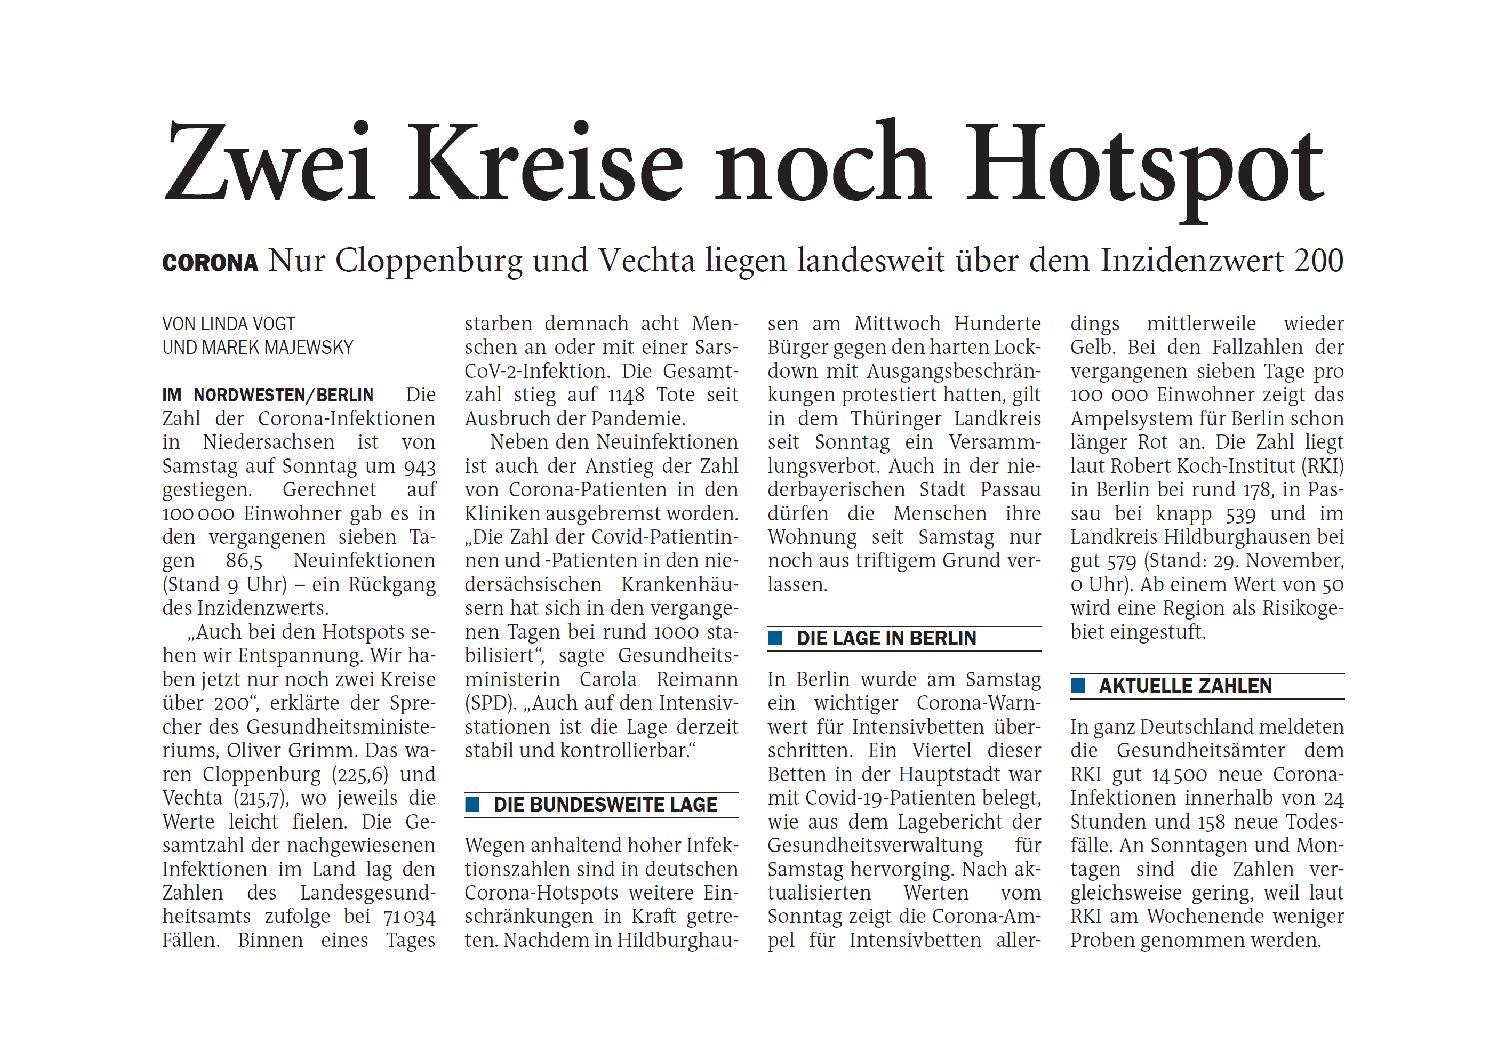 Jeversches Wochenblatt 30.11.2020 IV